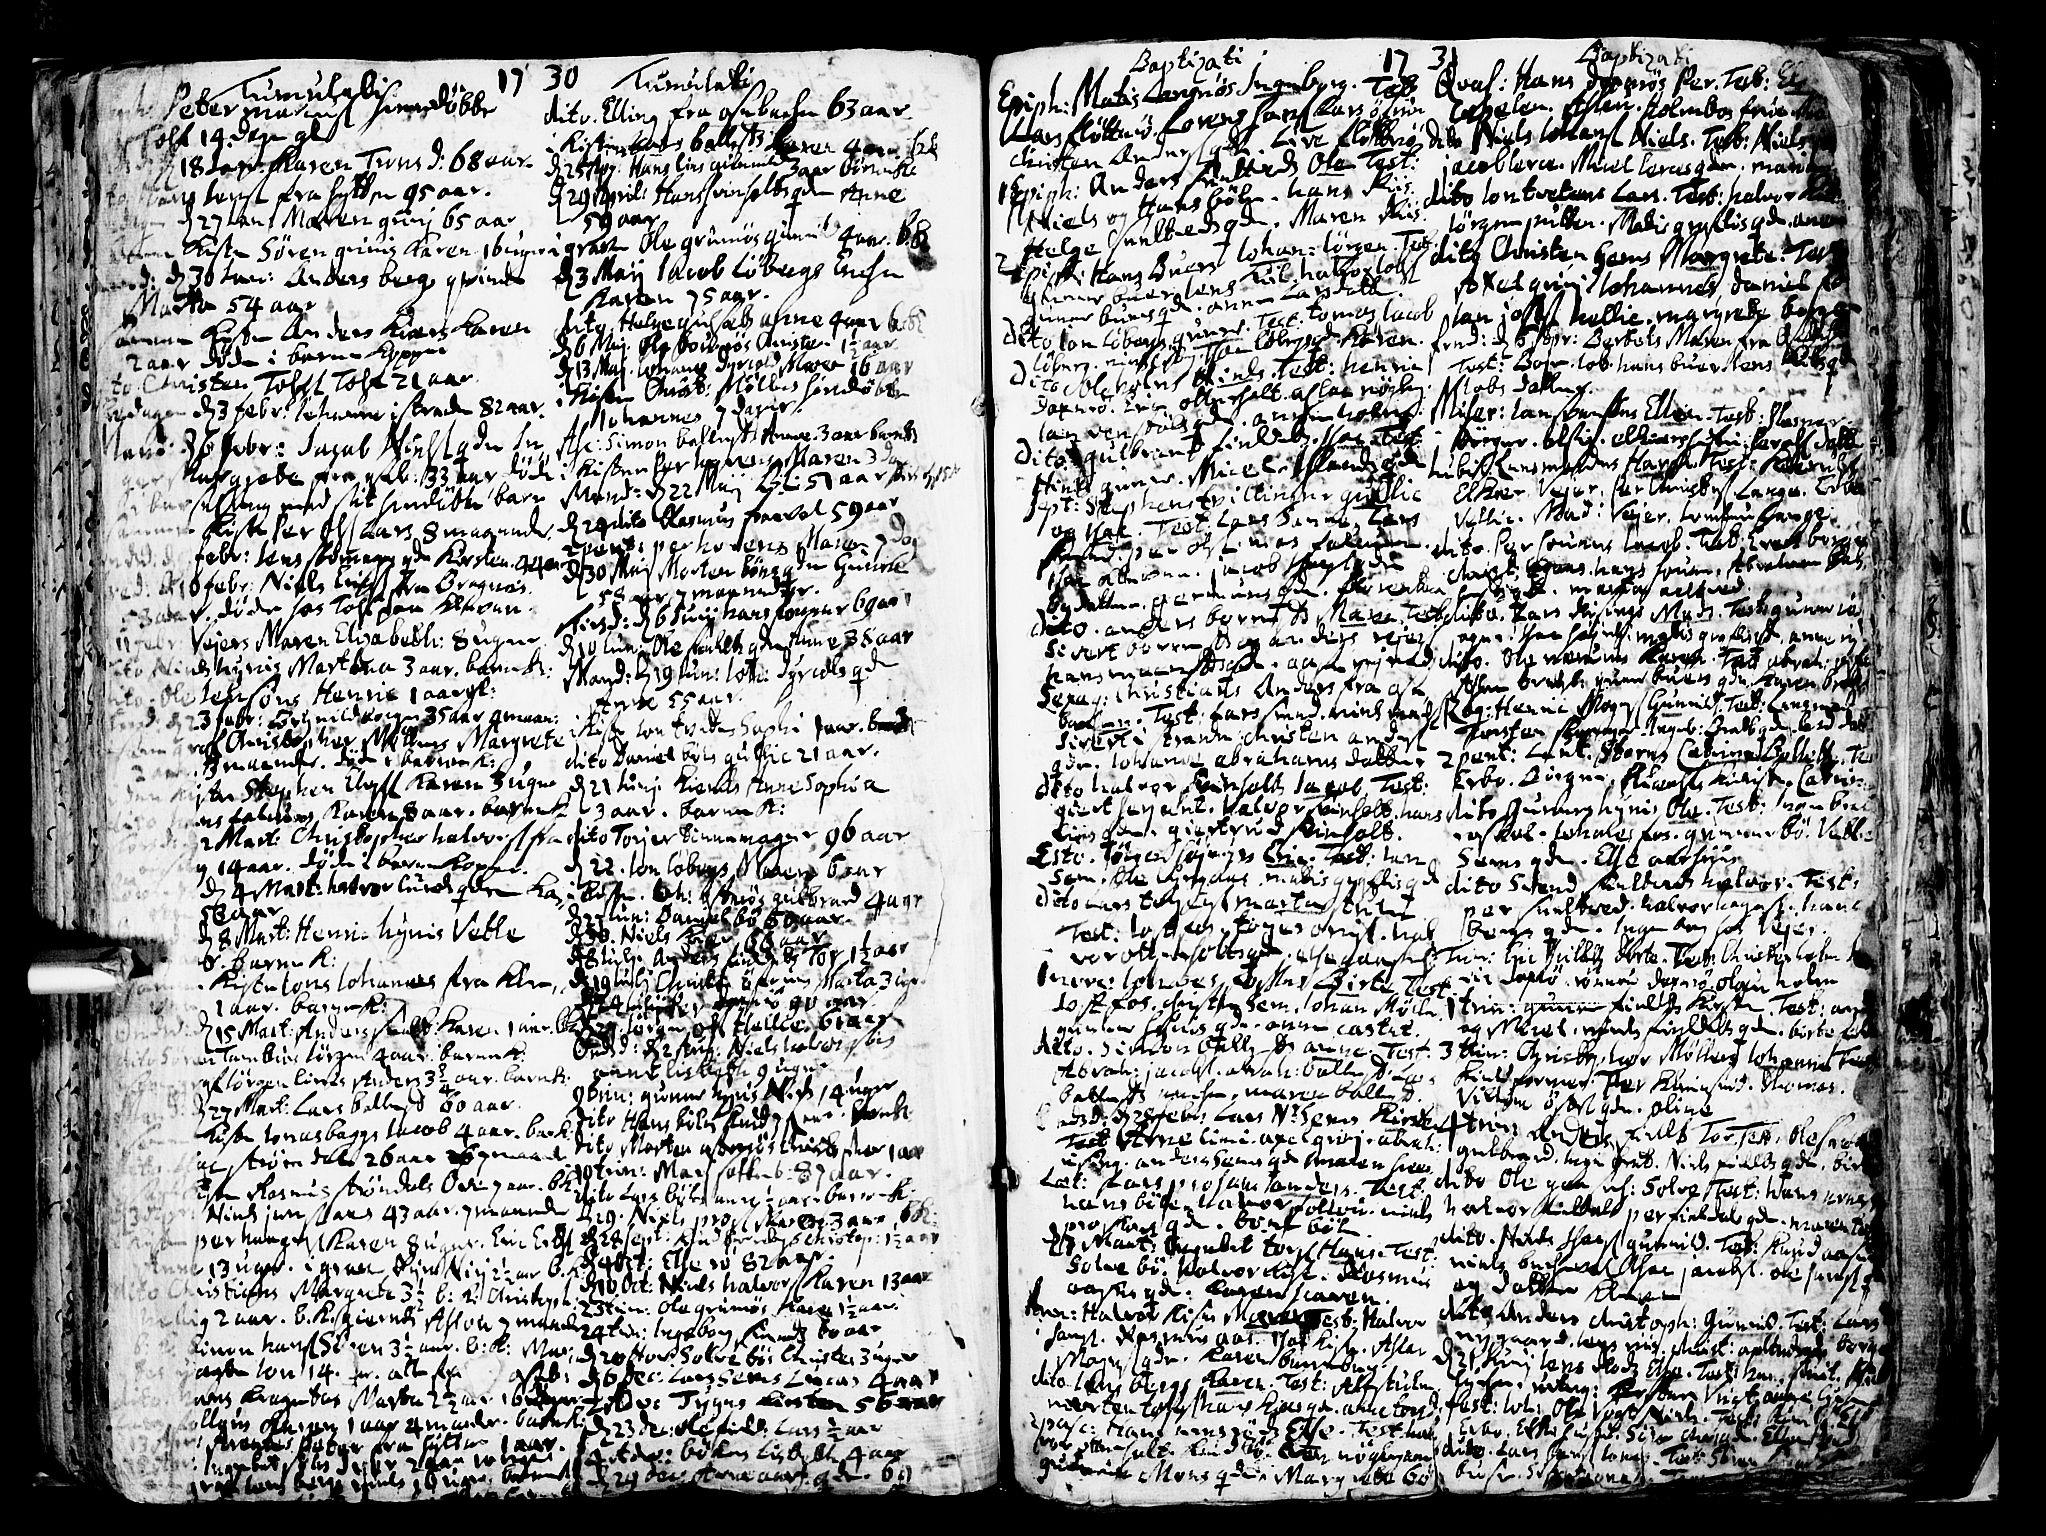 SAKO, Gjerpen kirkebøker, F/Fa/L0001: Ministerialbok nr. 1, 1681-1746